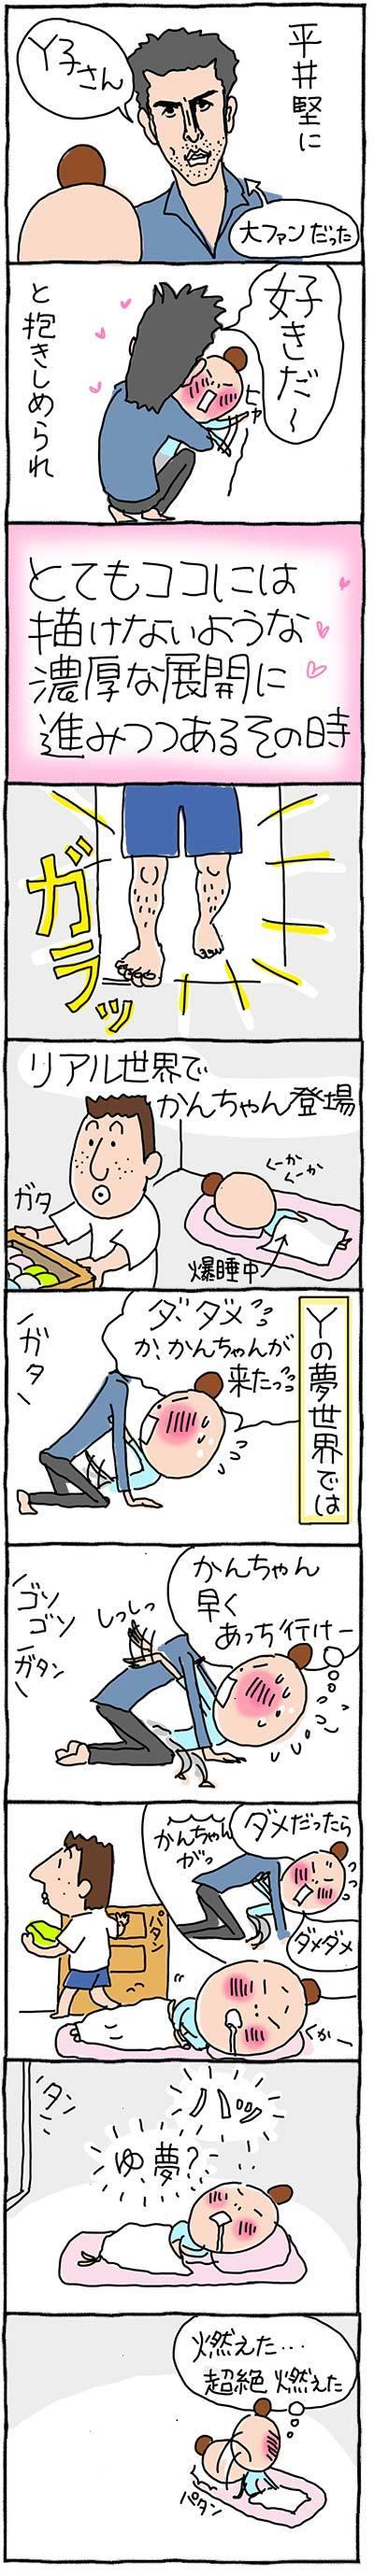 淫夢2017